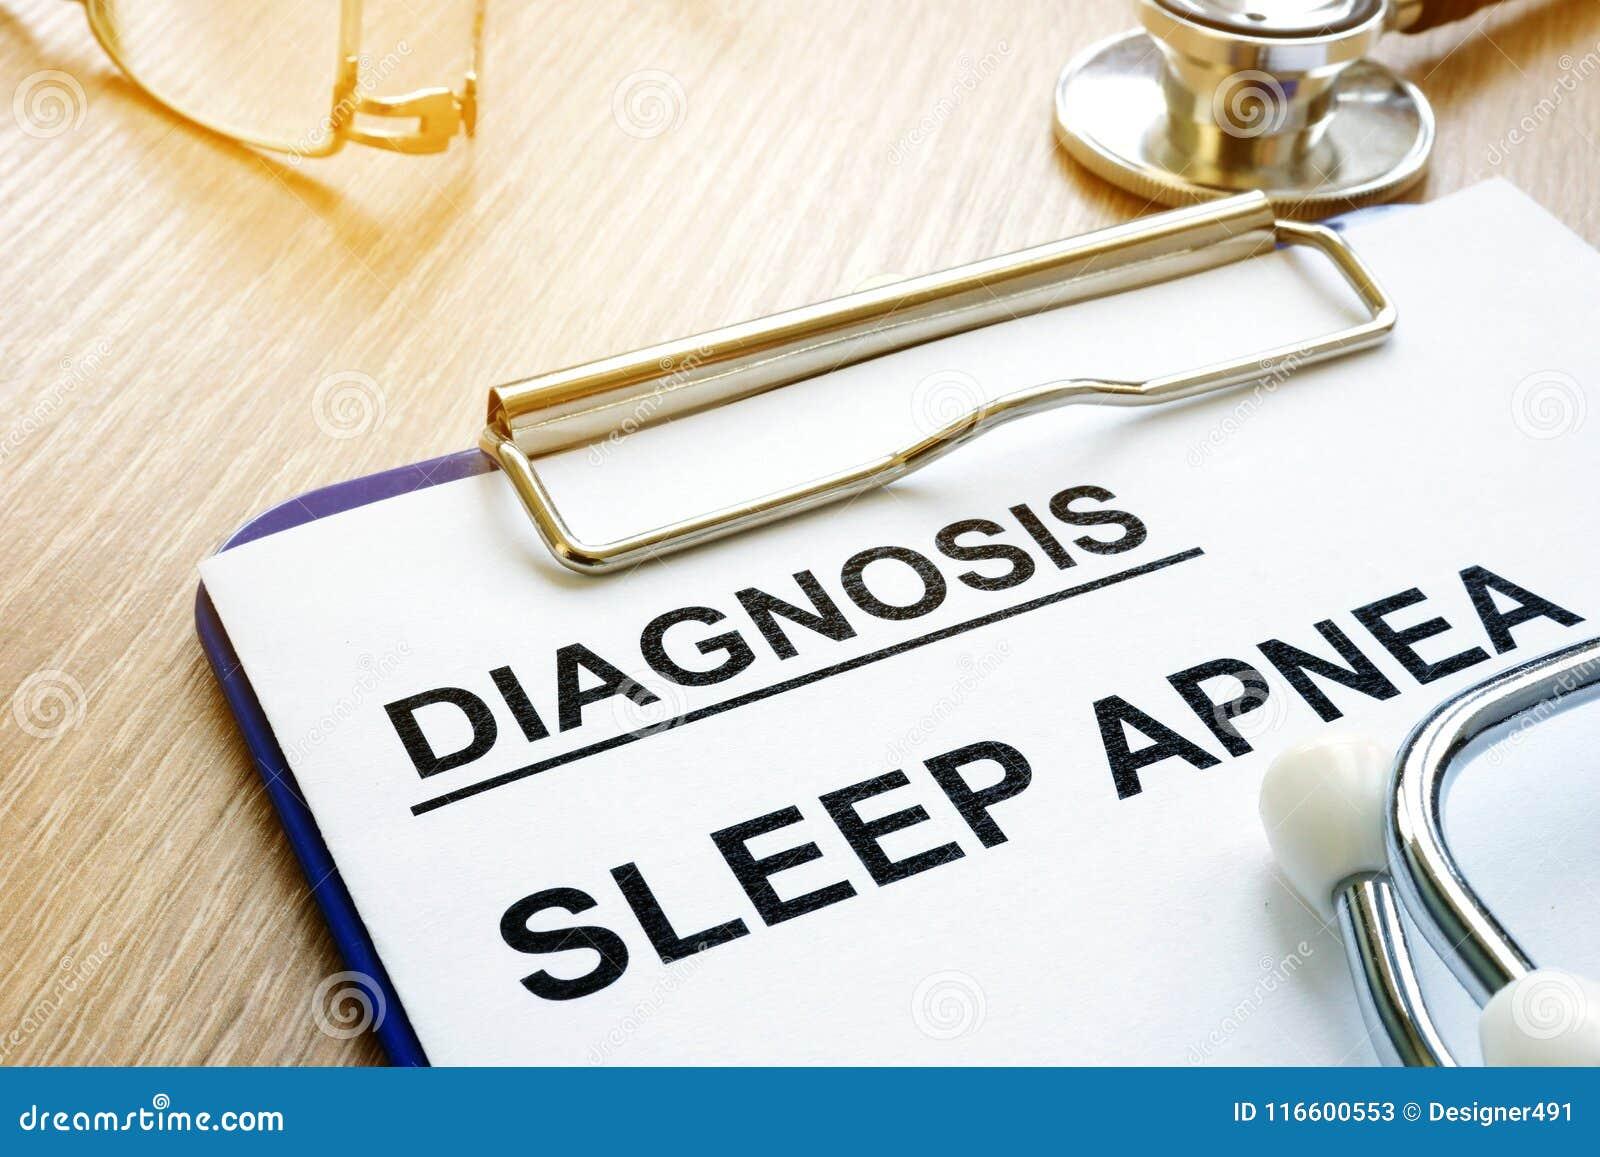 Diagnosis del apnea de sueño en un tablero